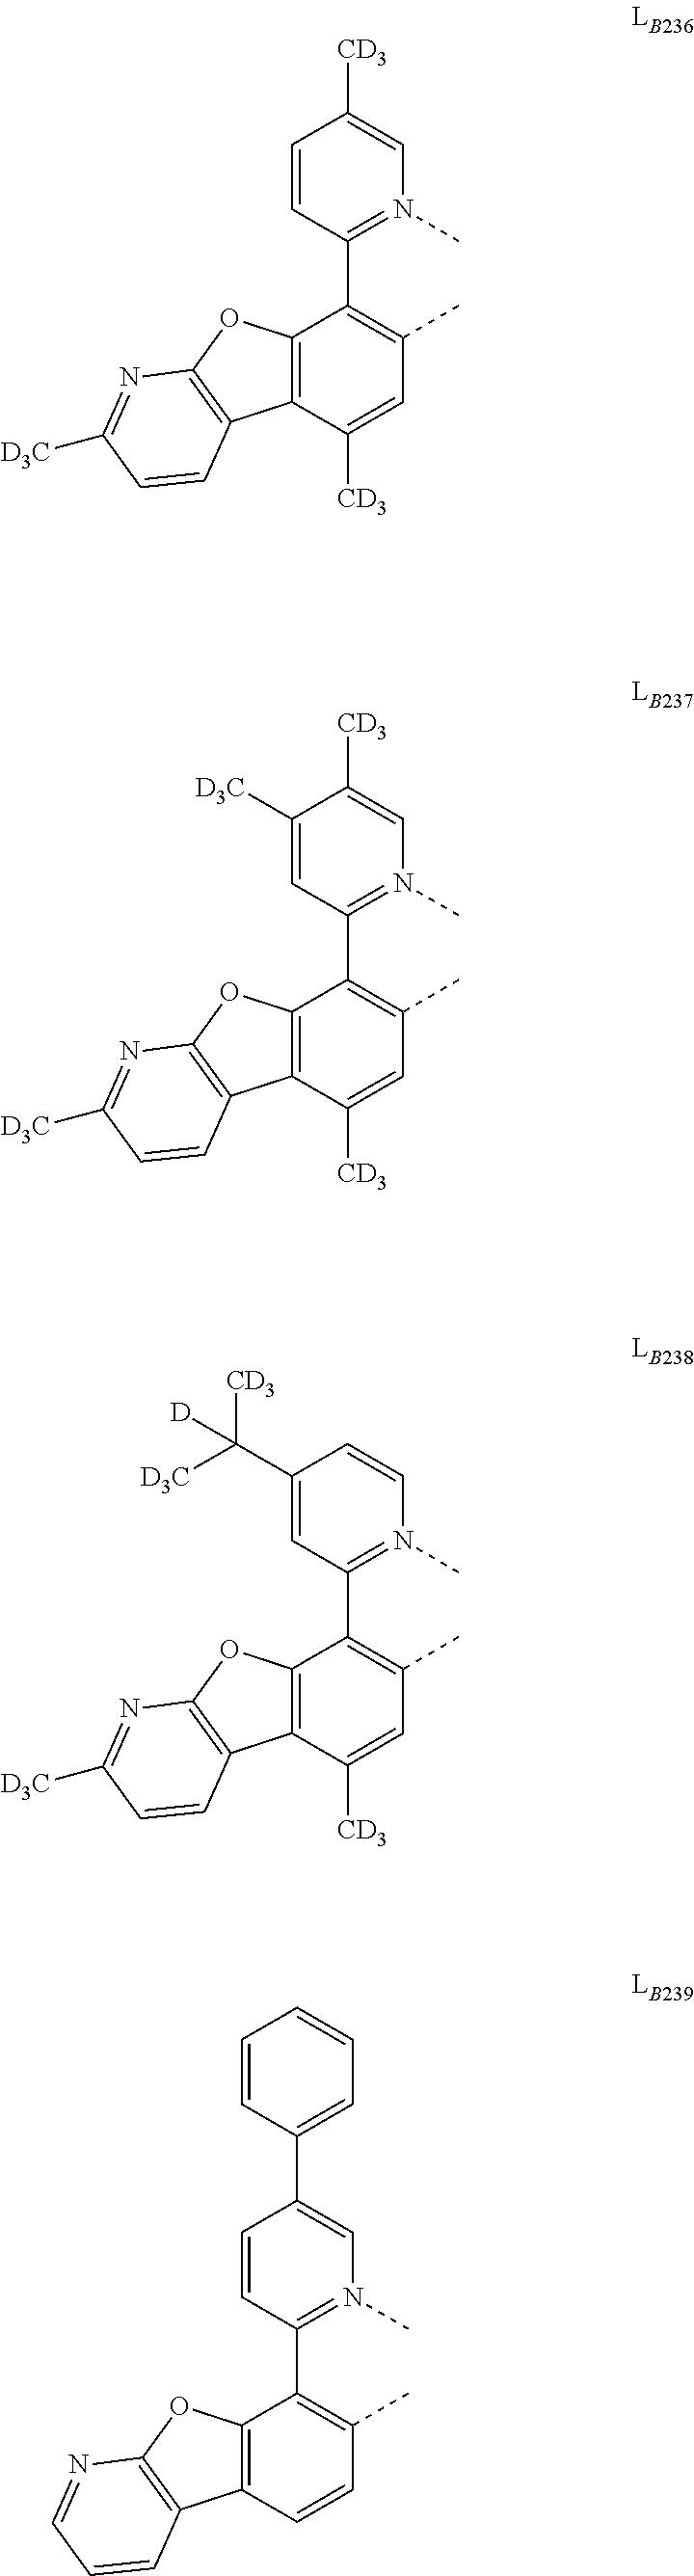 Figure US09929360-20180327-C00090